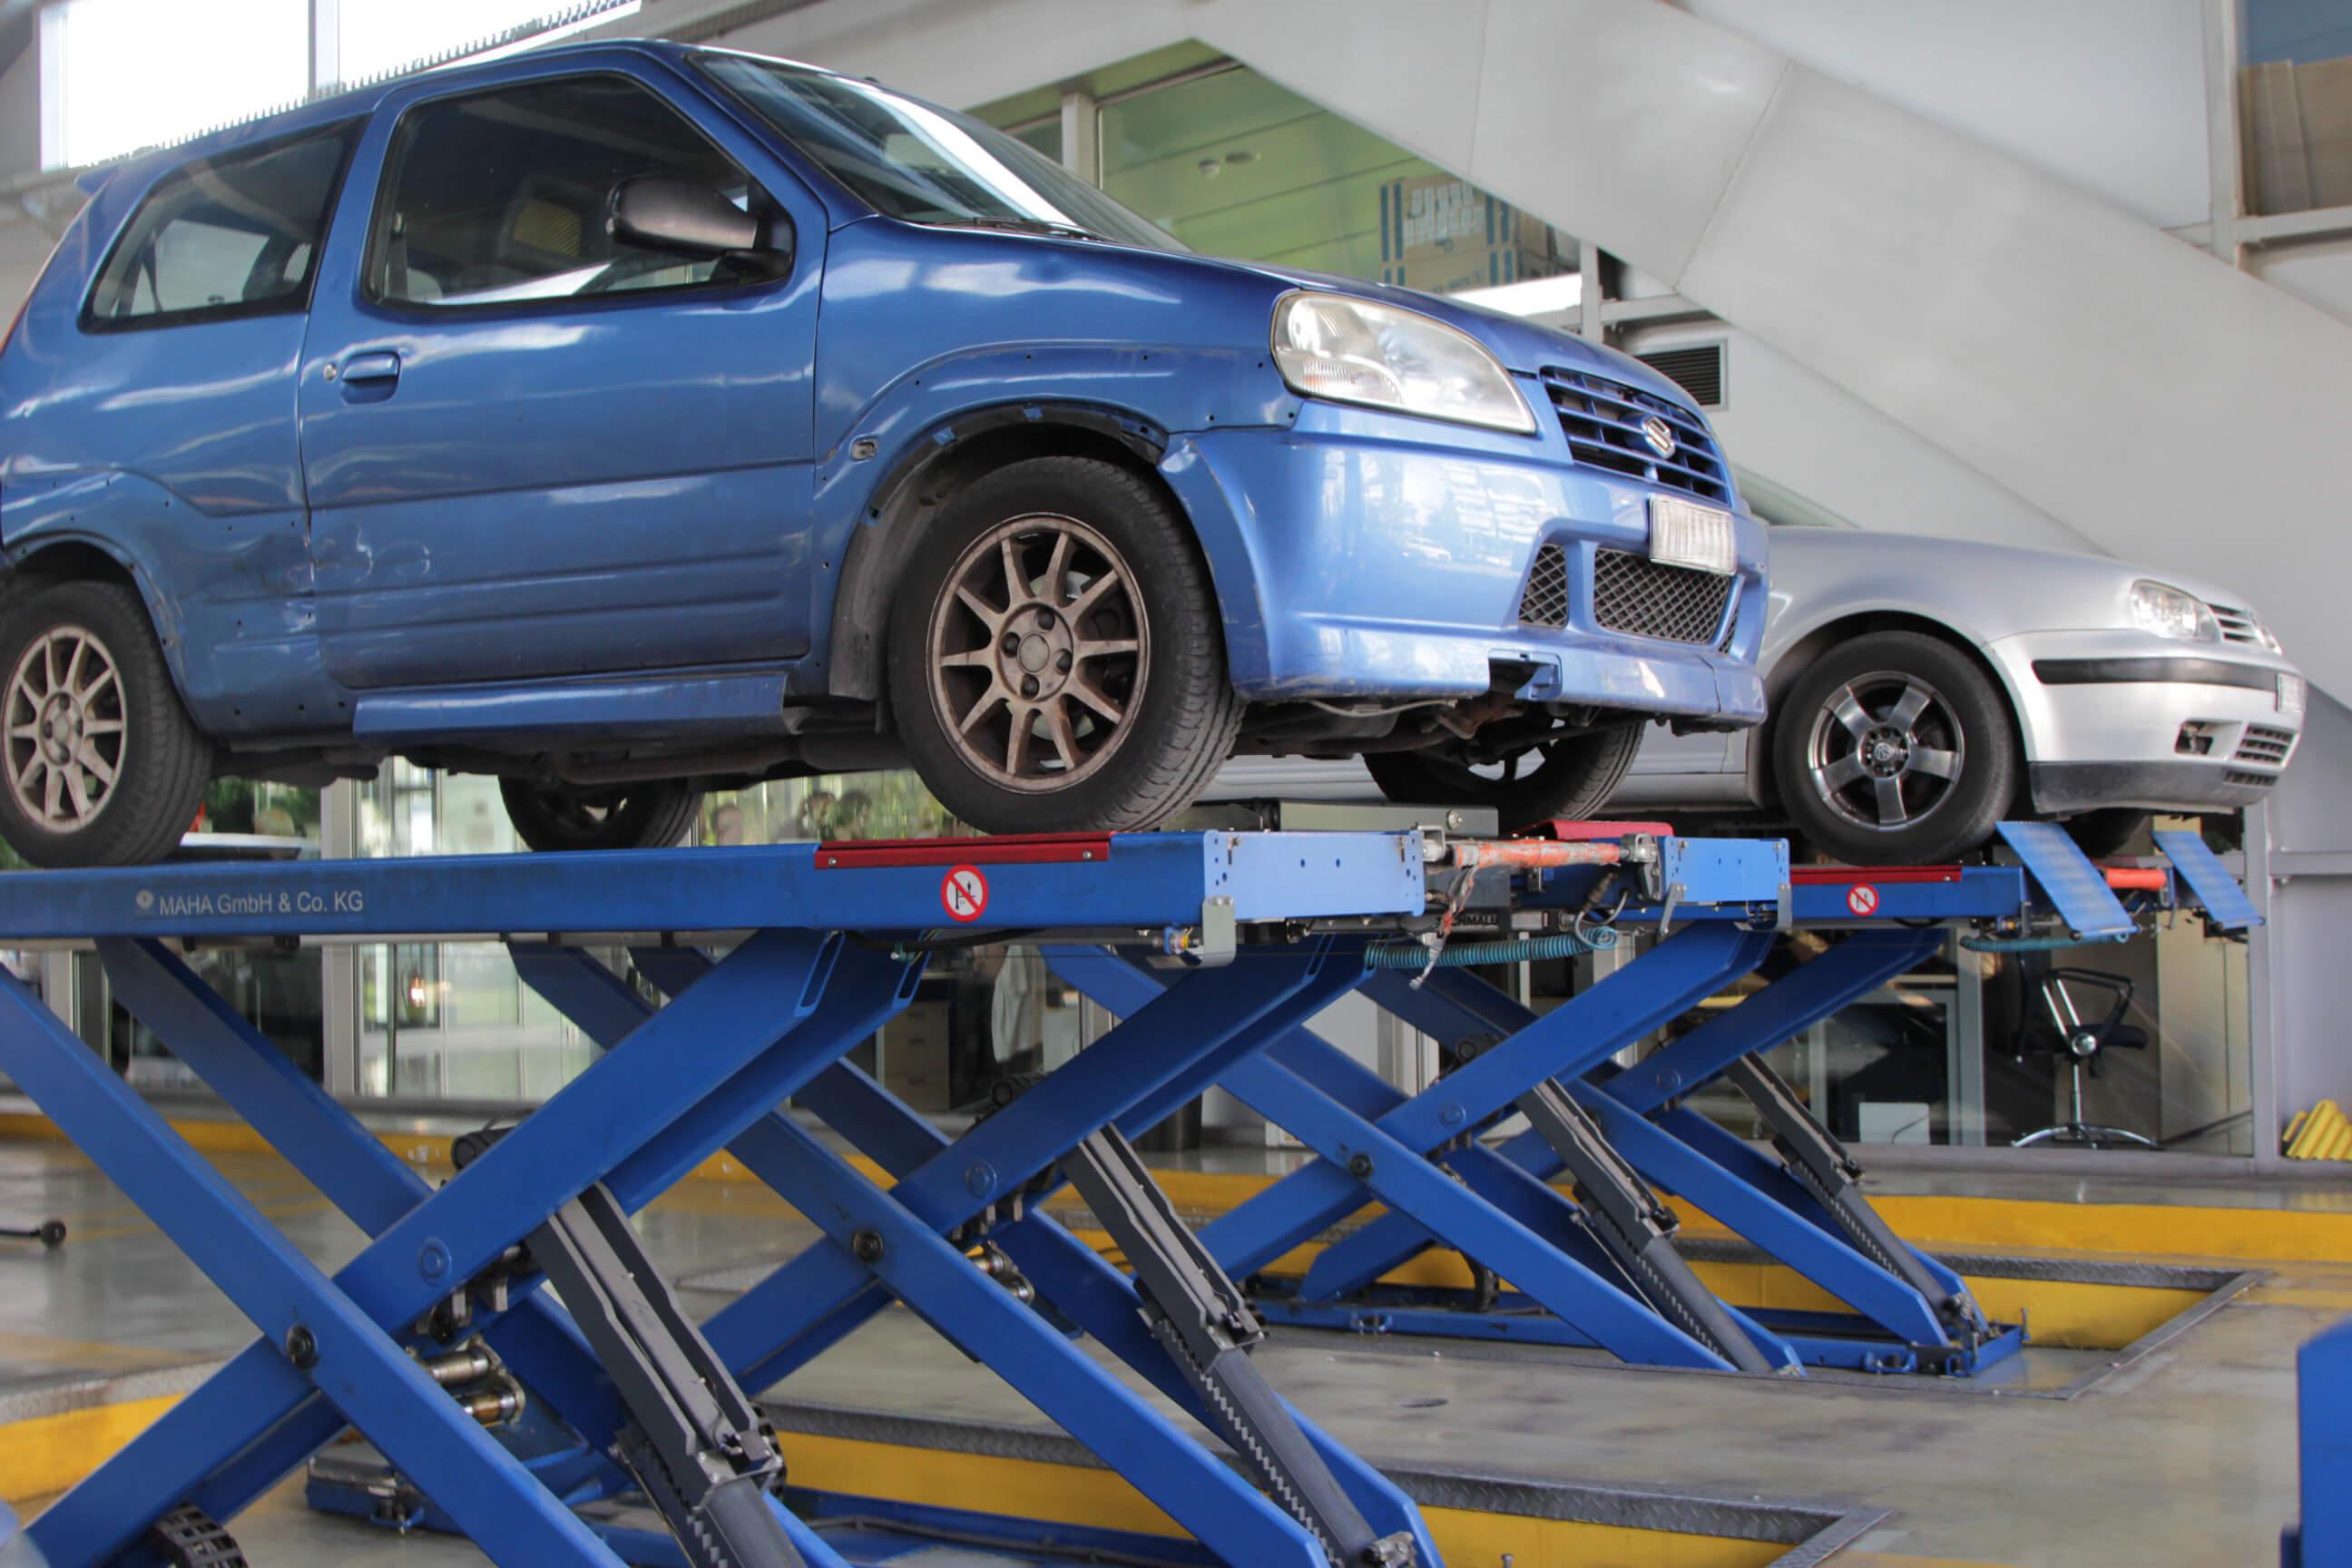 Παρατείνεται η αναστολή λειτουργίας των ΚΤΕΟ – Τι ισχύει για τα οχήματα